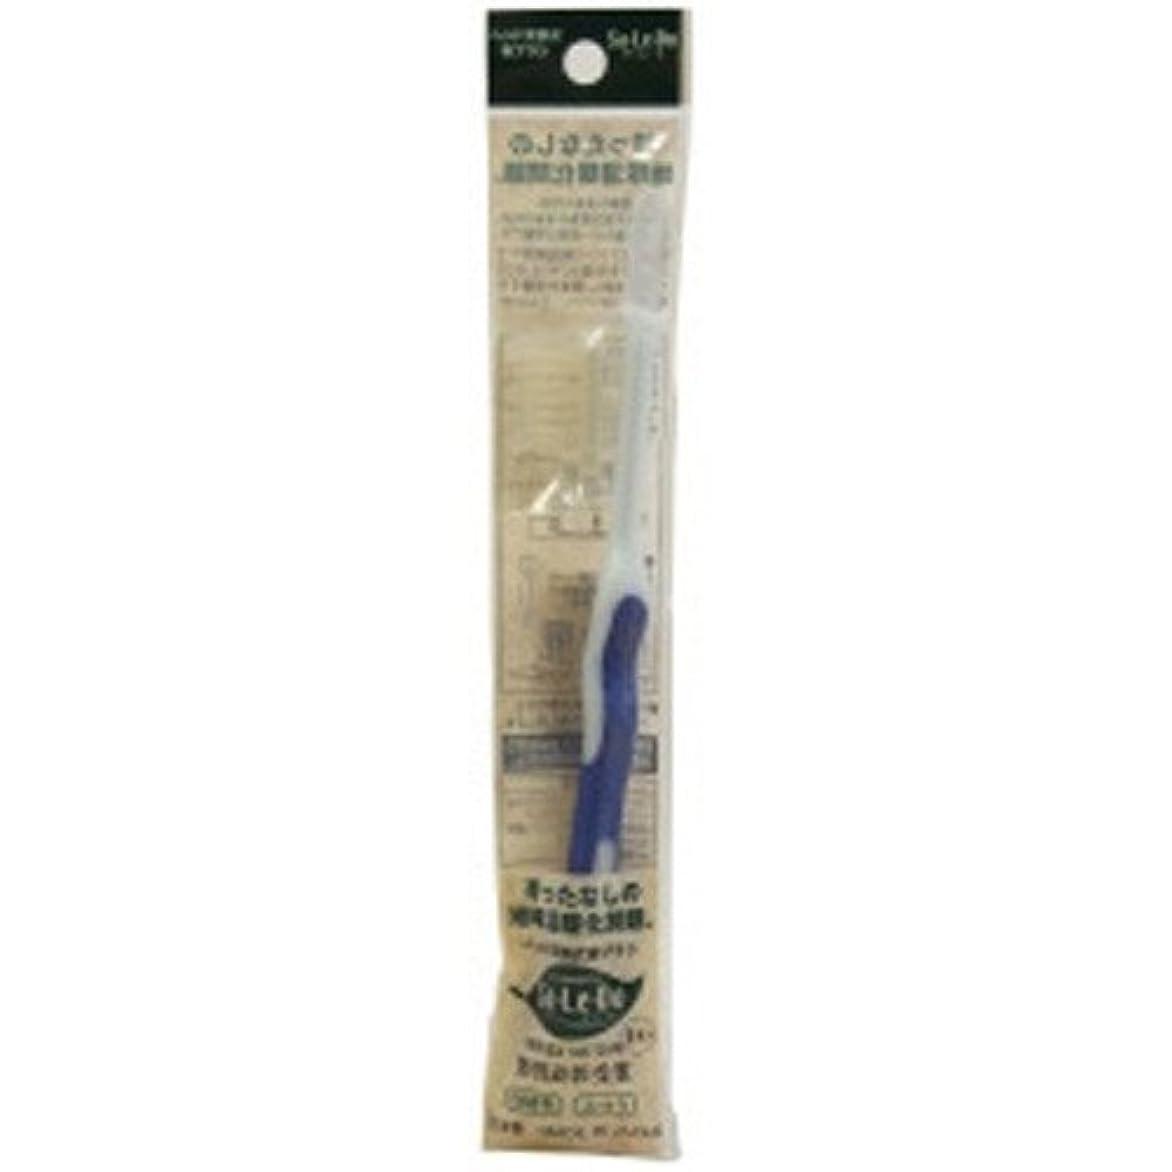 窓を洗う人工的な冒険サレド ヘッド交換式歯ブラシ お試しセット レギュラーヘッド ブルー